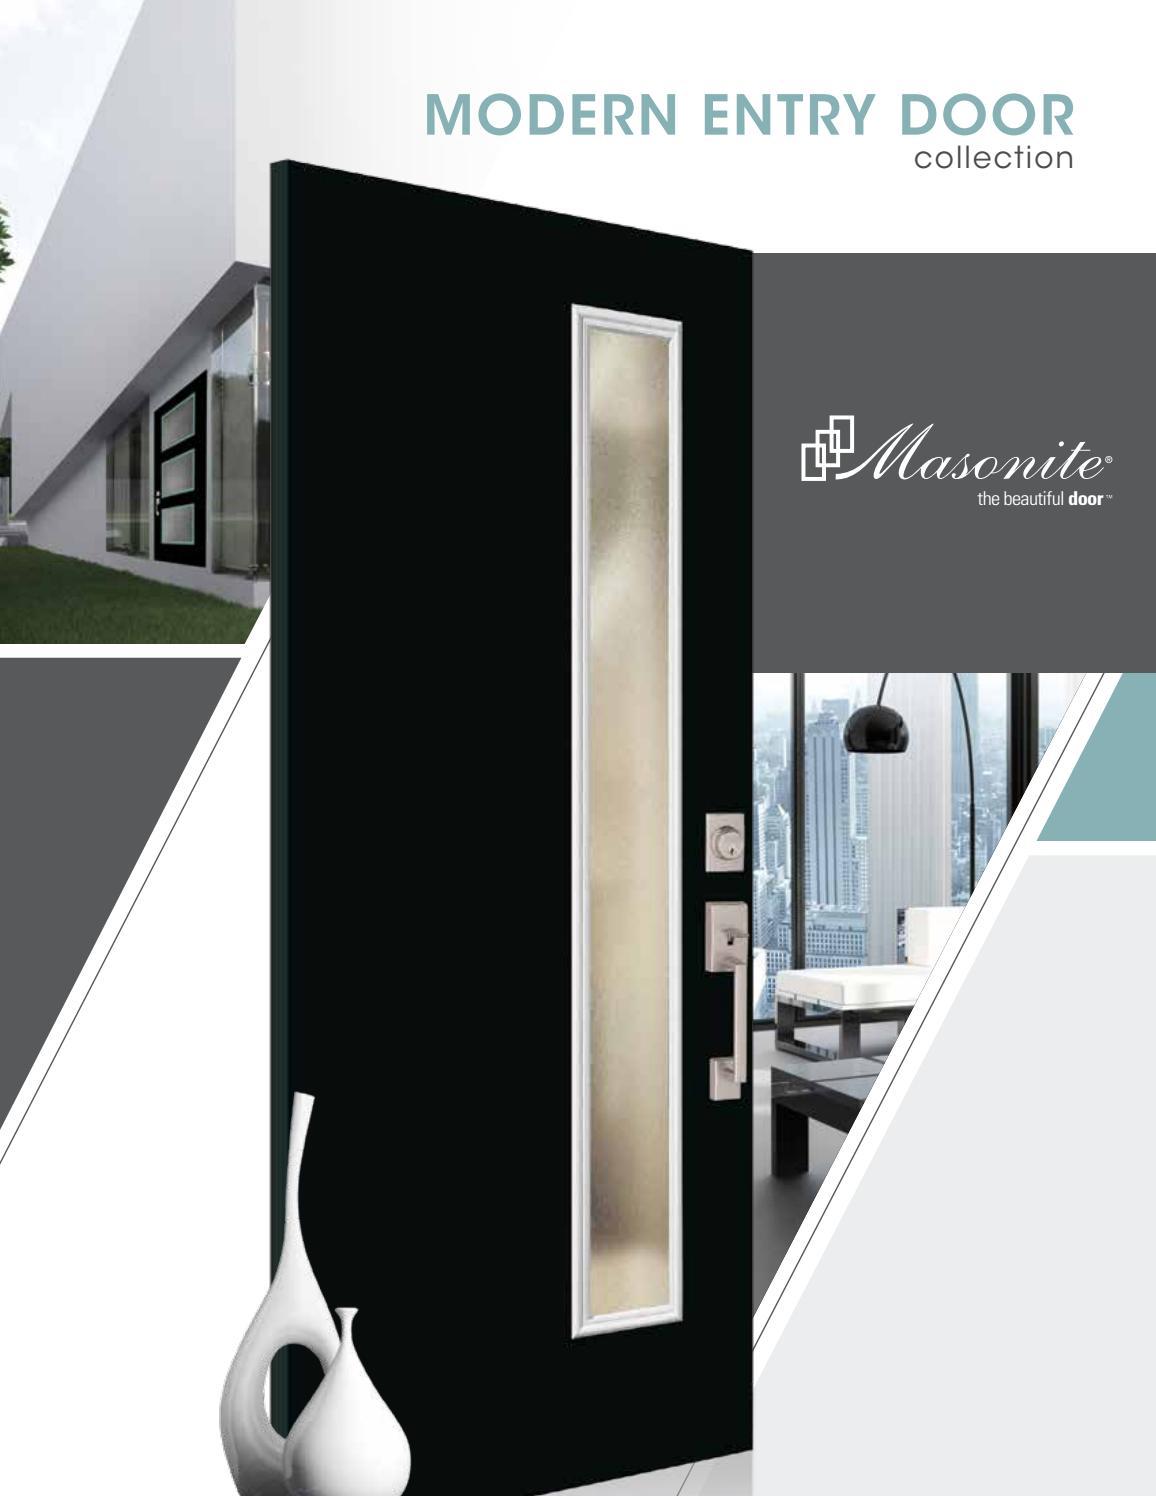 Masonite Modern Door Brochure by clearymillwork